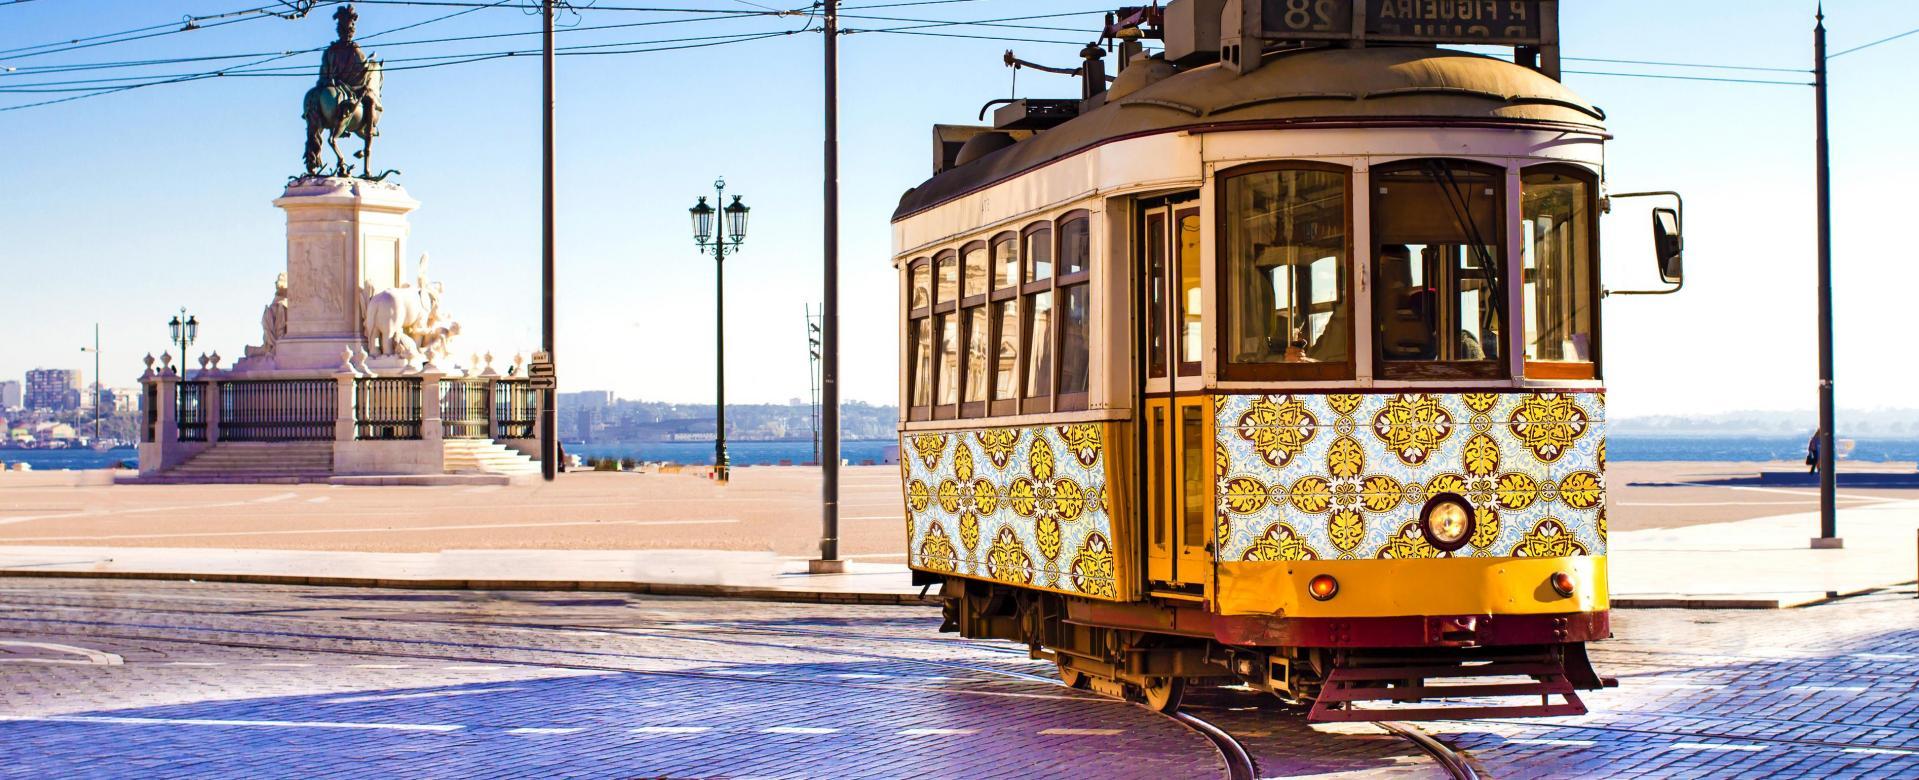 Voyage à pied : Portugal : Réveillon lisbonne, sintra et mer de paille